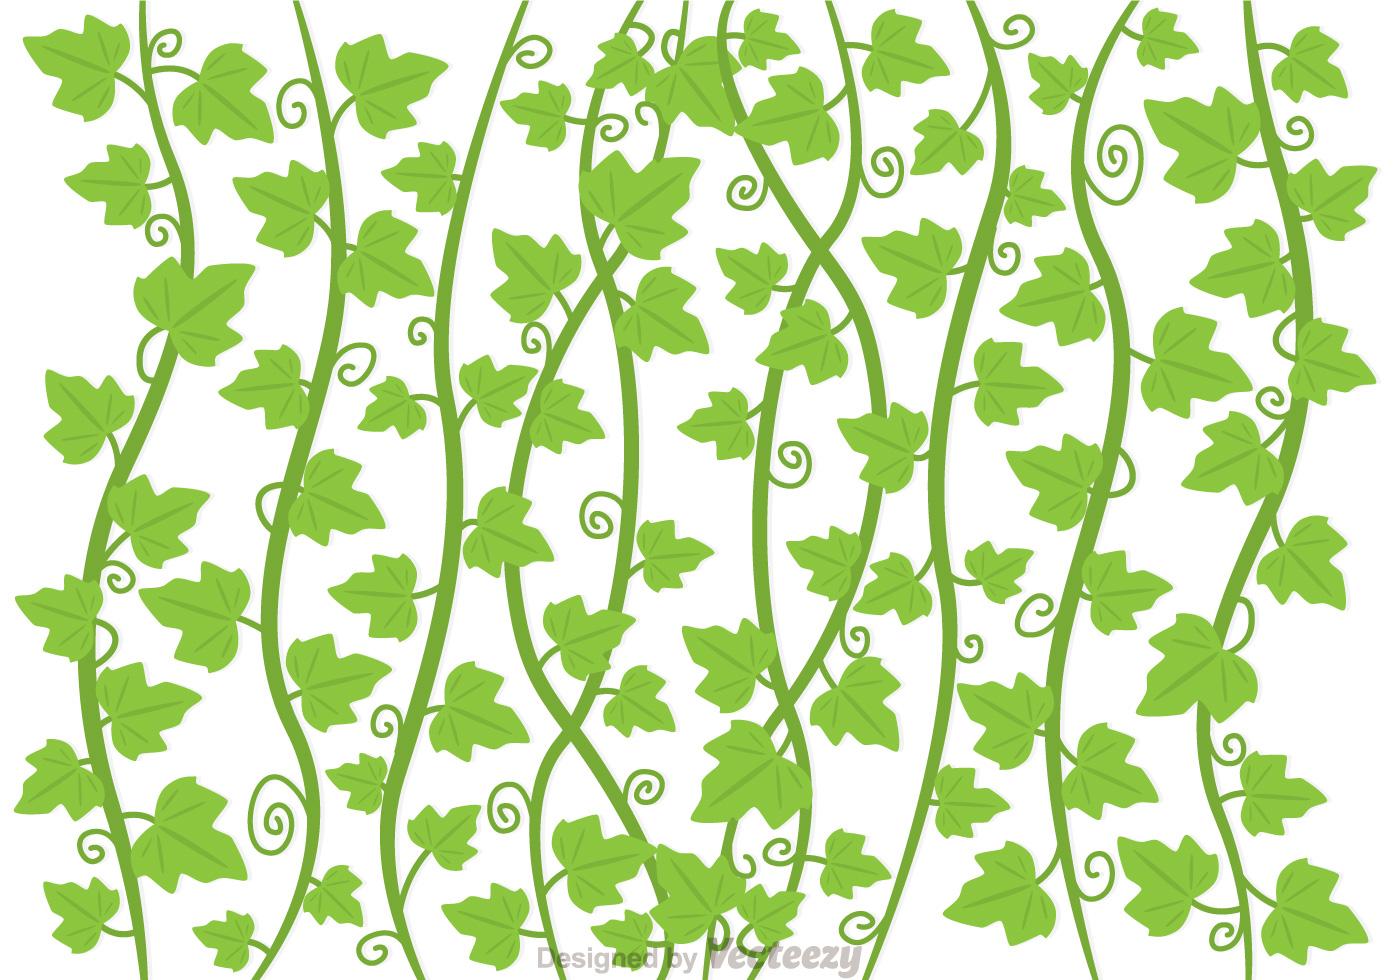 Vines Vectors Vector Art & Graphics | freevector.com